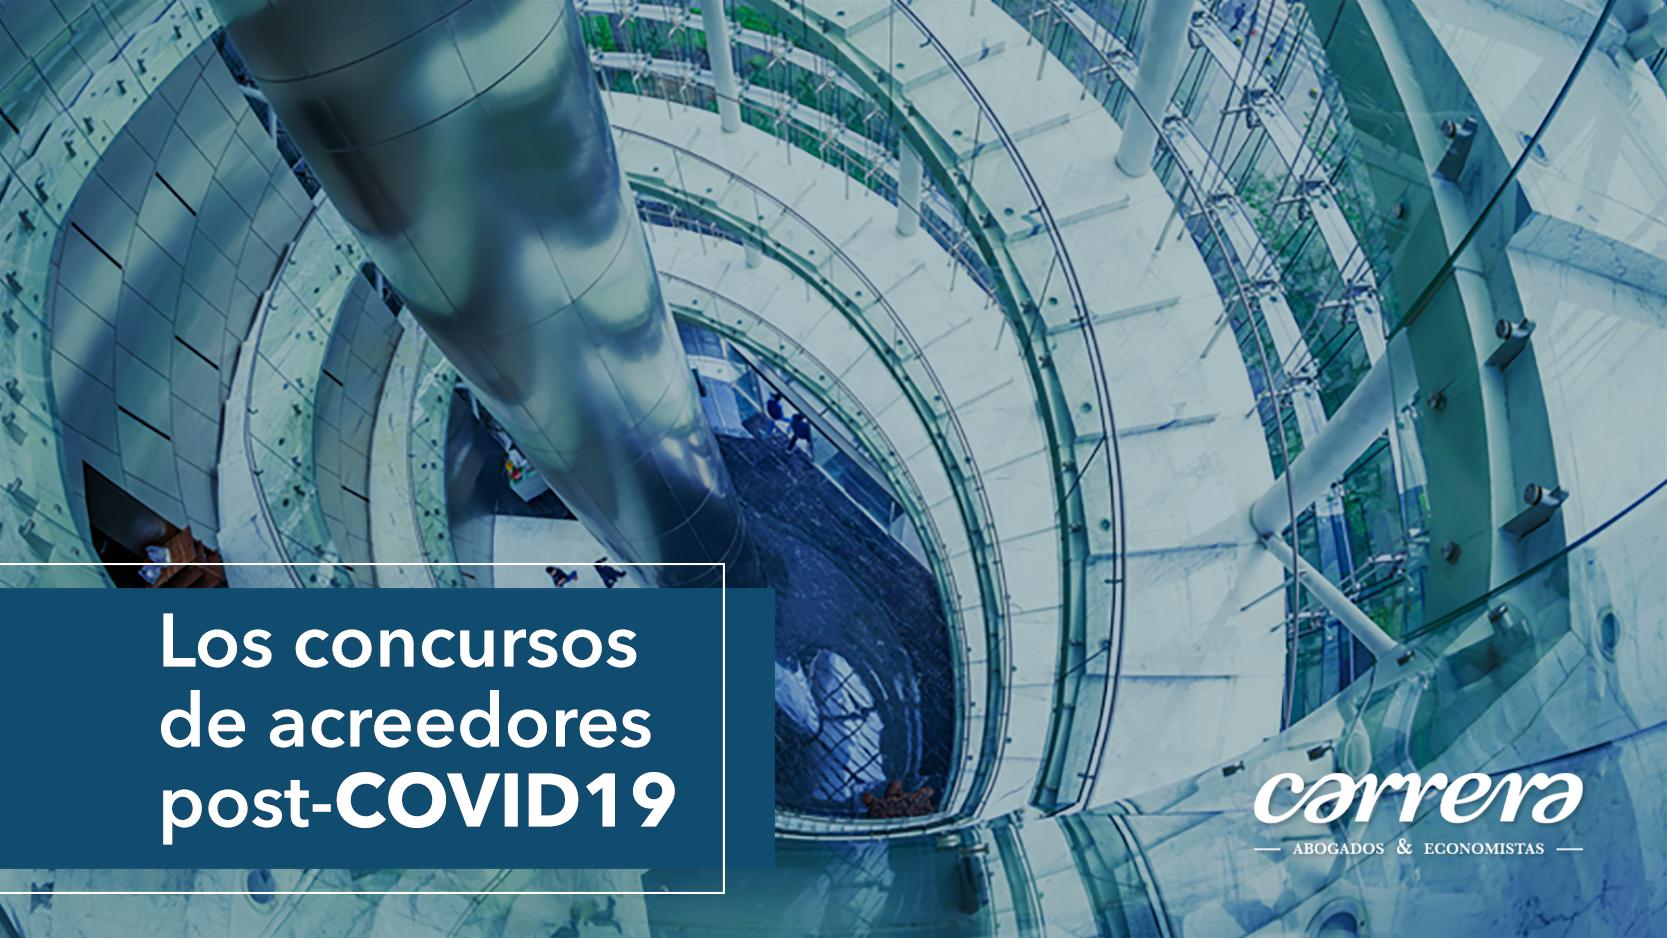 Concurso de acreedores post-Covid19